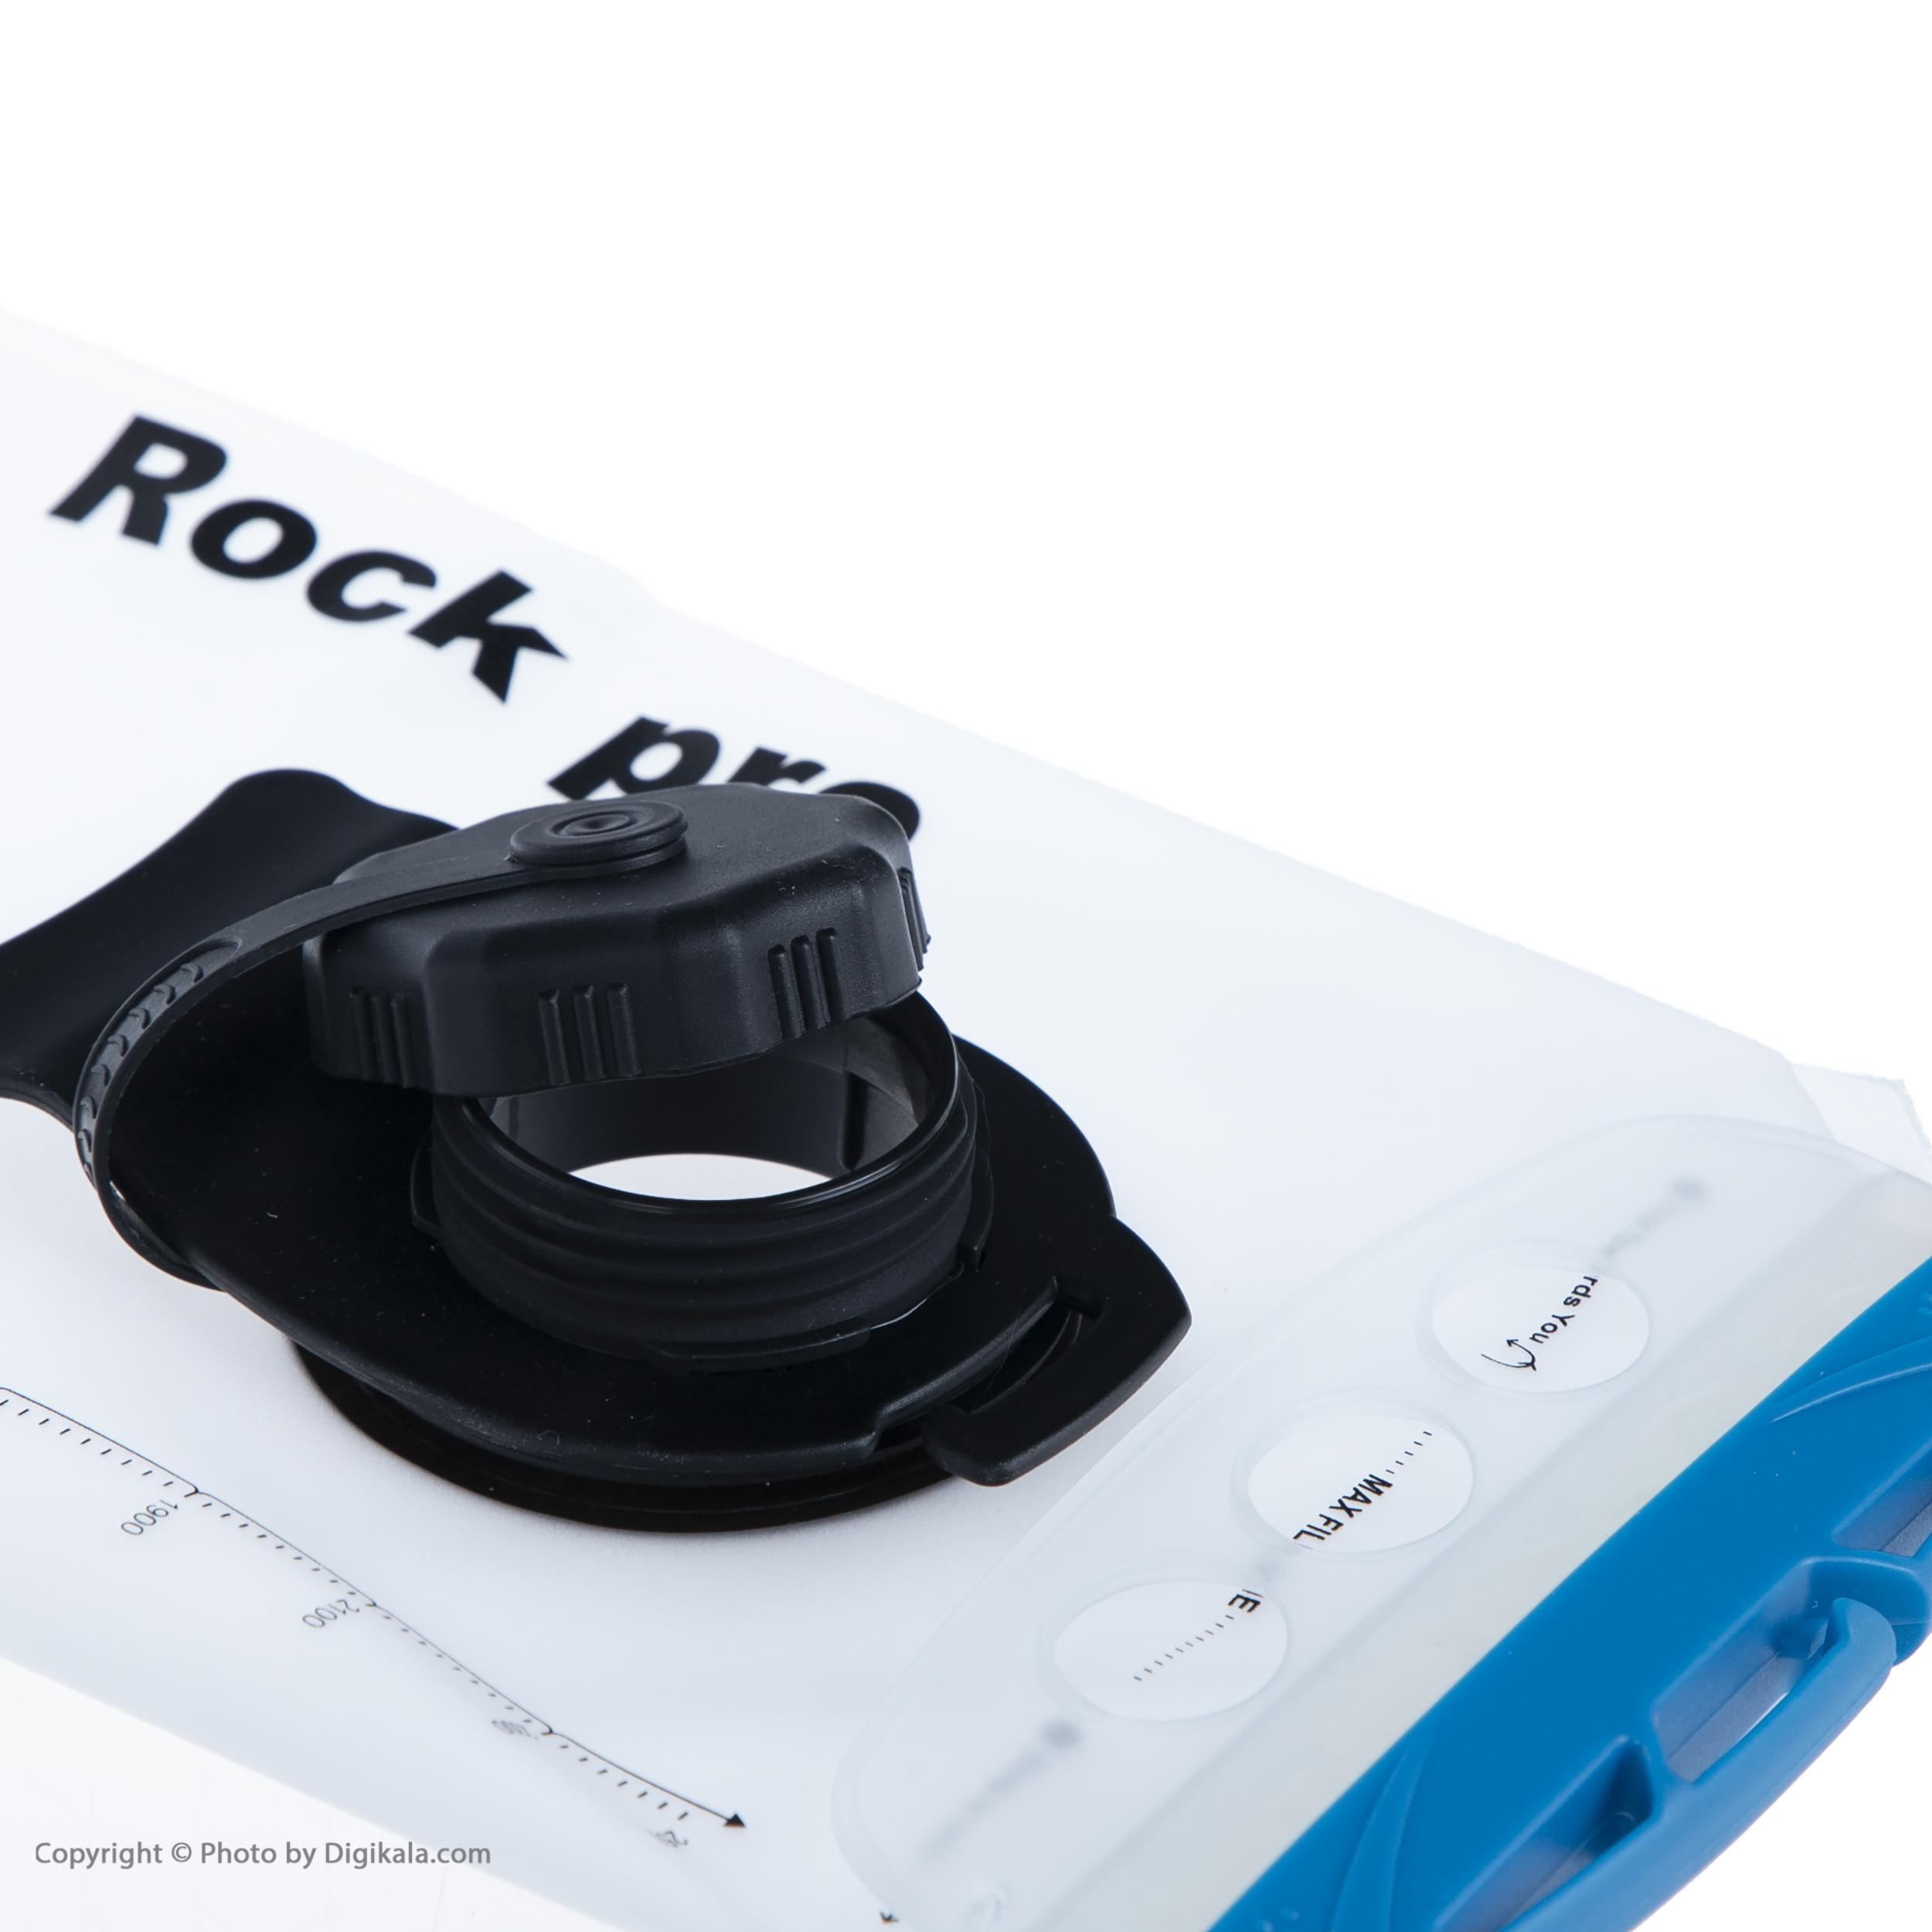 کیسه آب راک پرو مدل WB3000 گنجایش 3 لیتر